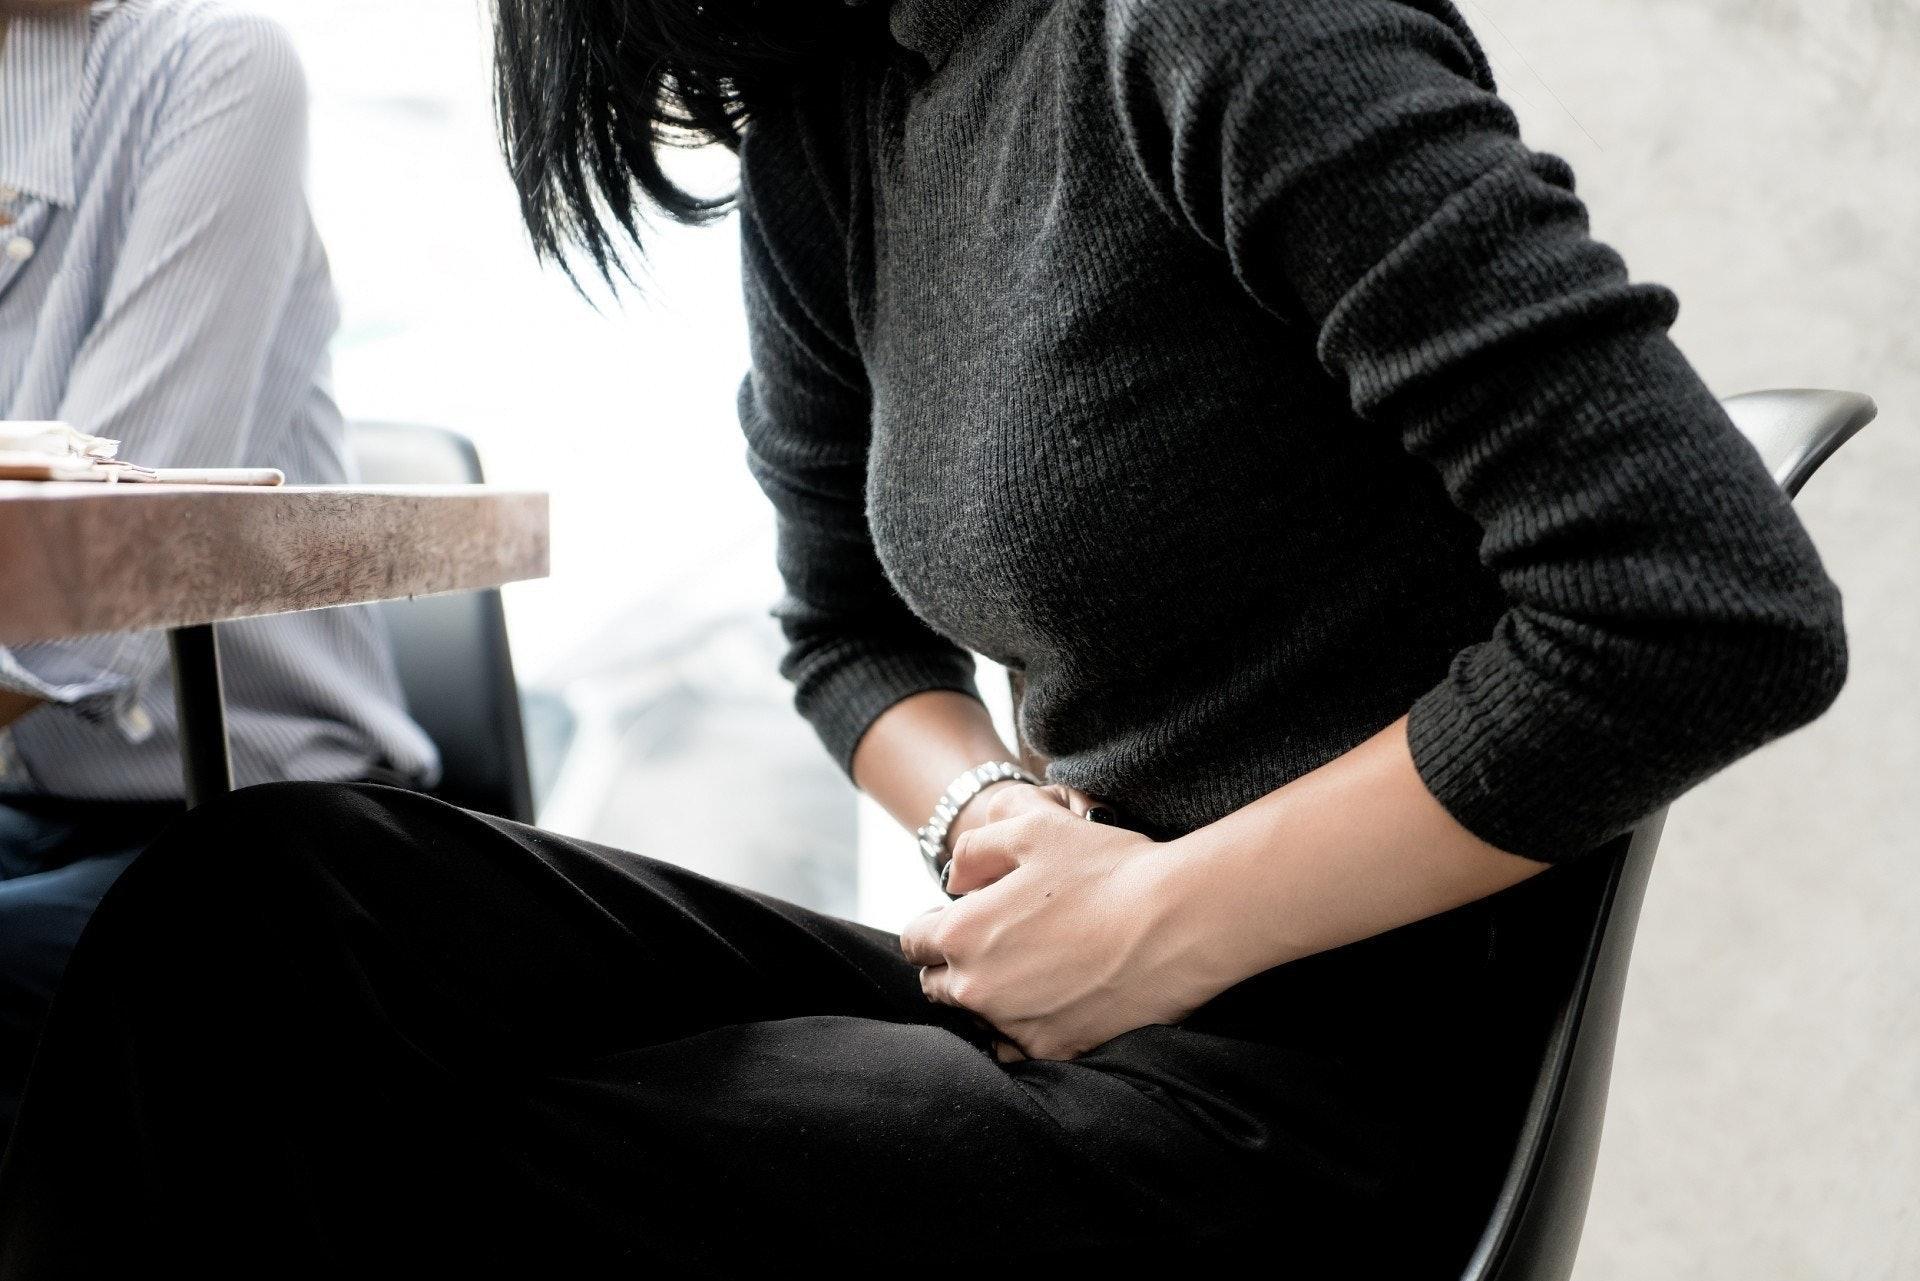 持續胃寒有可能導致多種胃部疾病,包括慢性胃炎、消化性潰瘍、功能性消化不良、嚴重甚至胃出血、胃癌。(VCG)